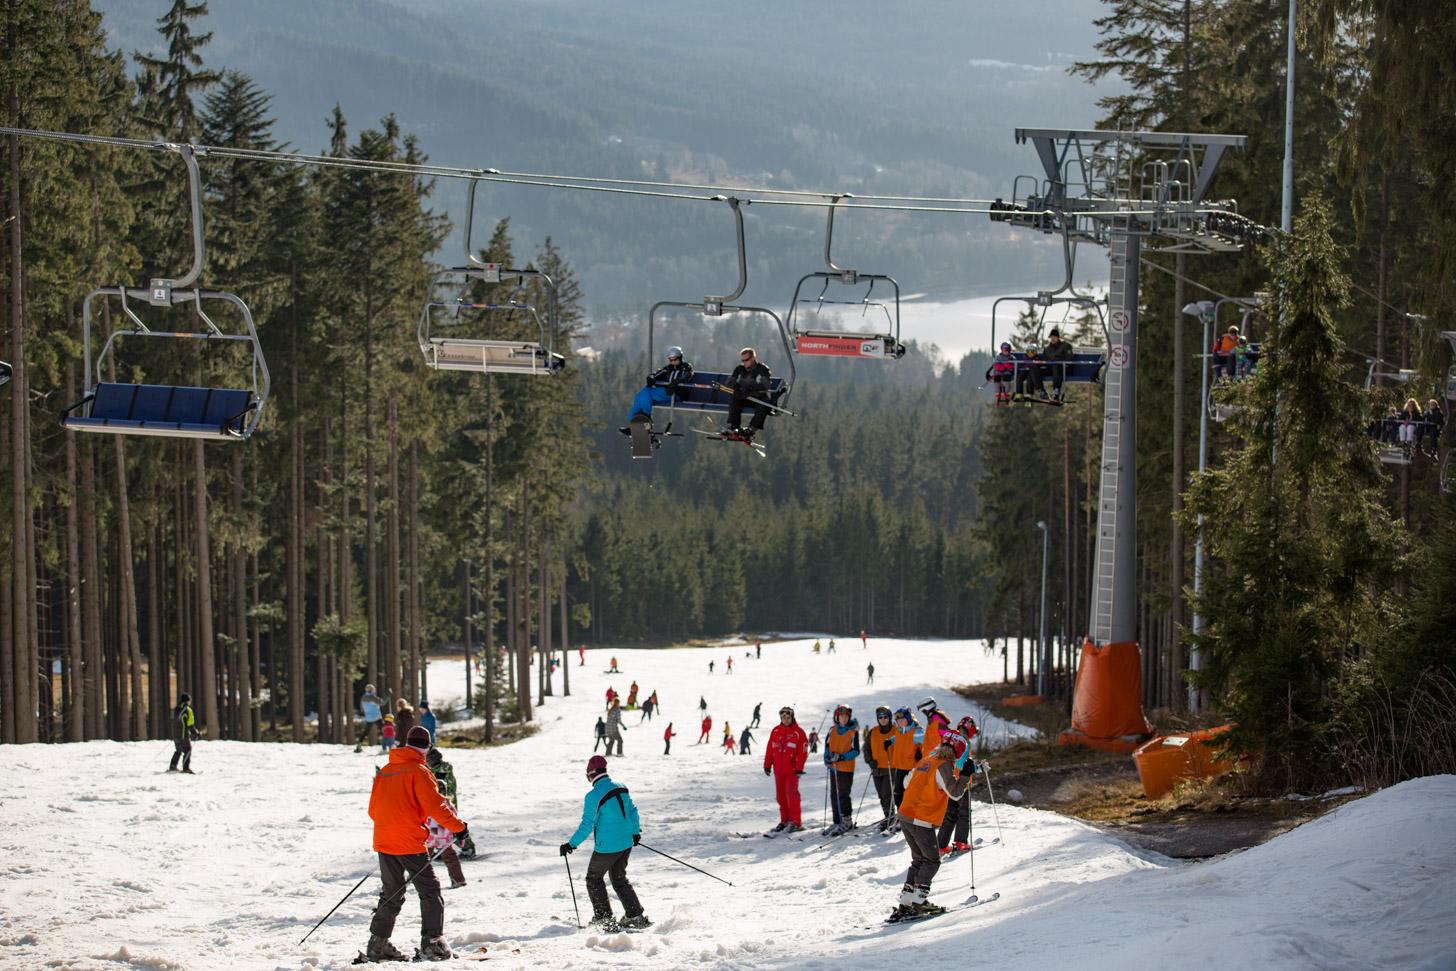 Blauwe piste aan het Lipnomeer in Tsjechië